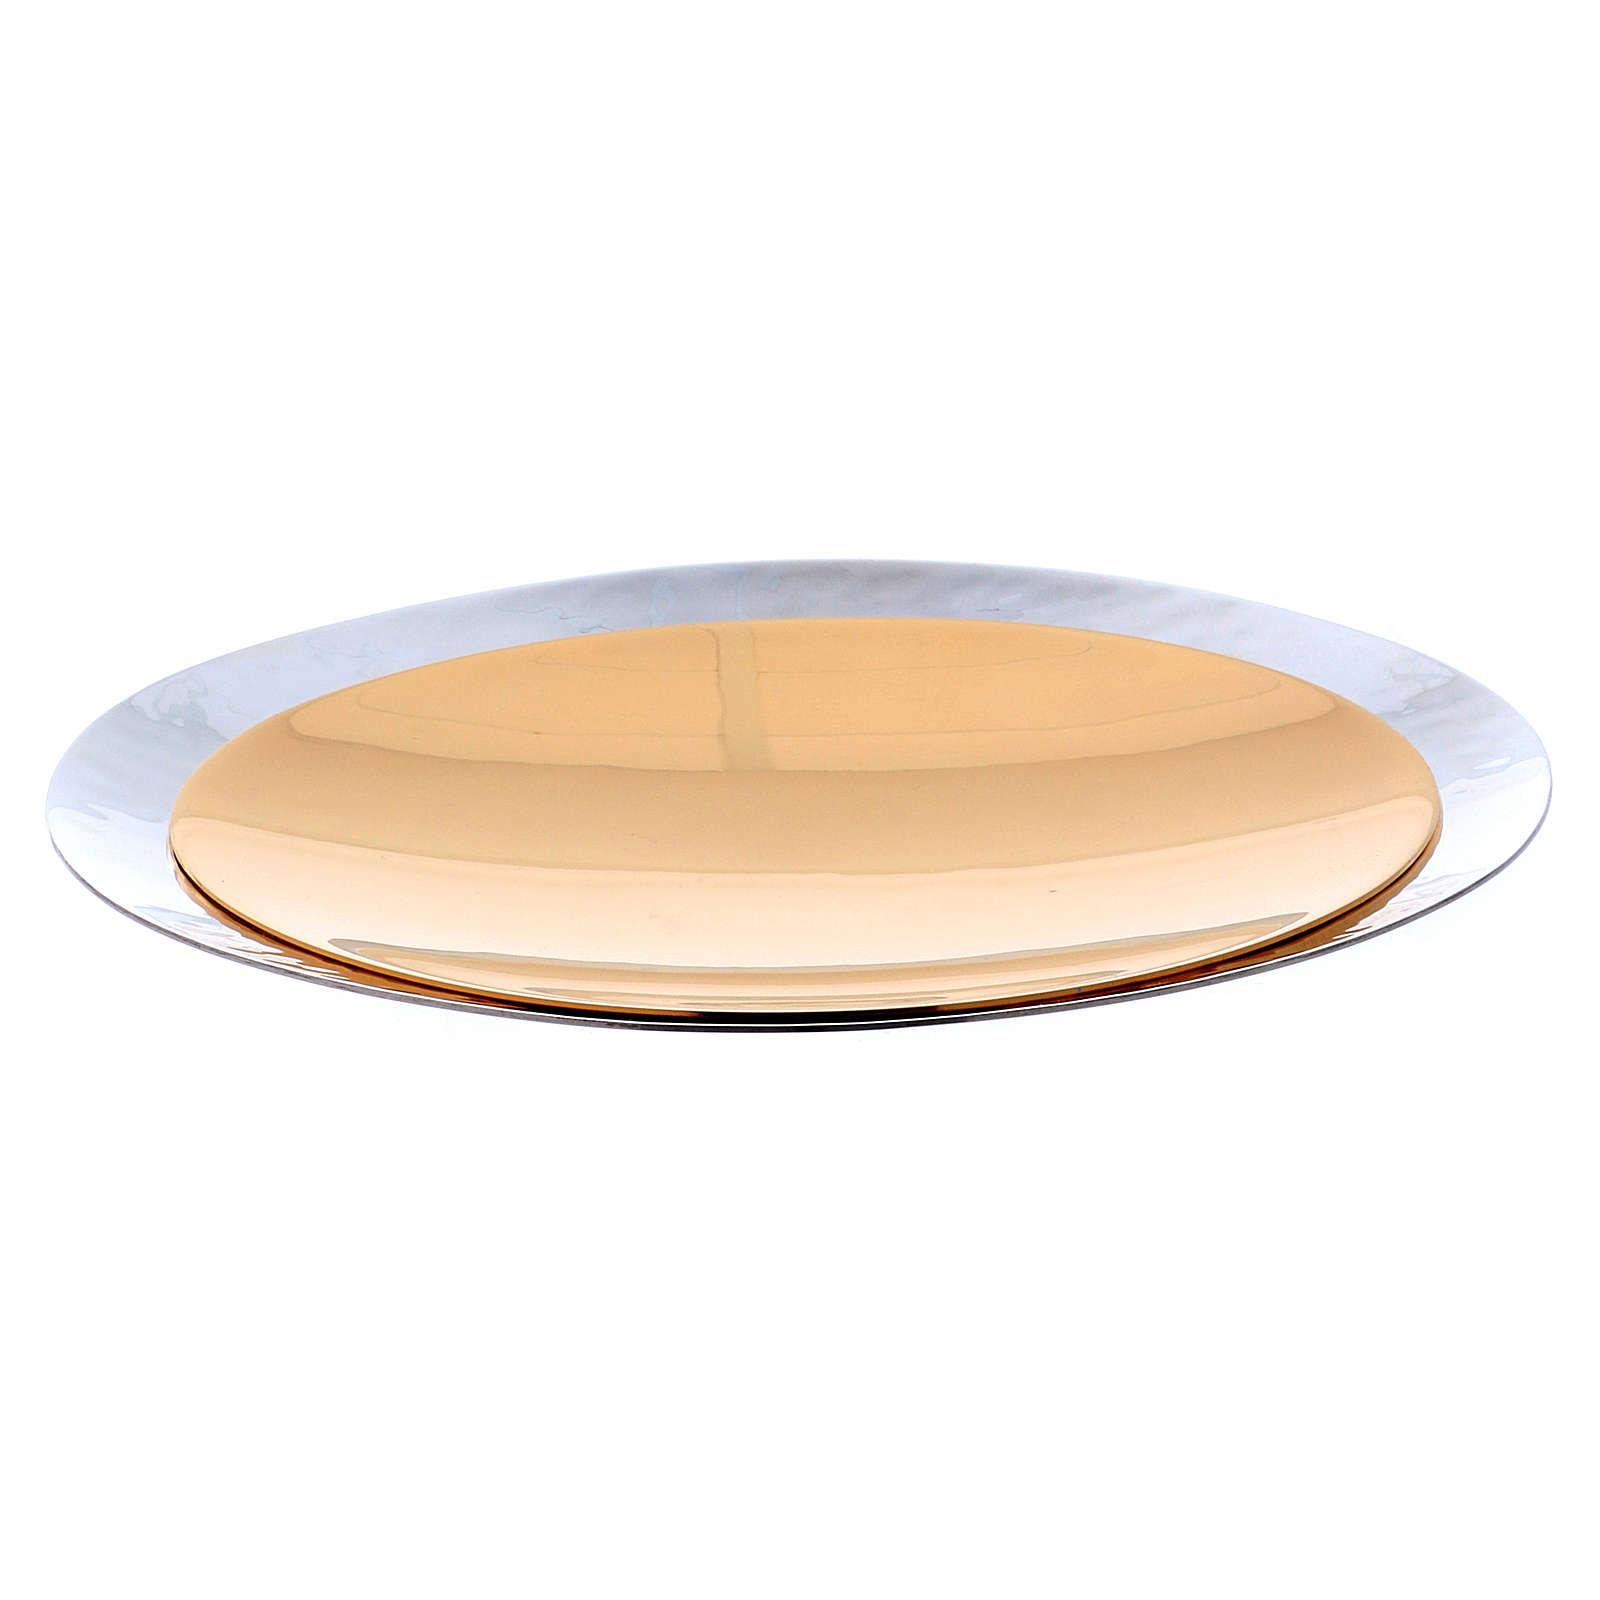 Paten Ventus model in brass, 7.3 in diameter 4